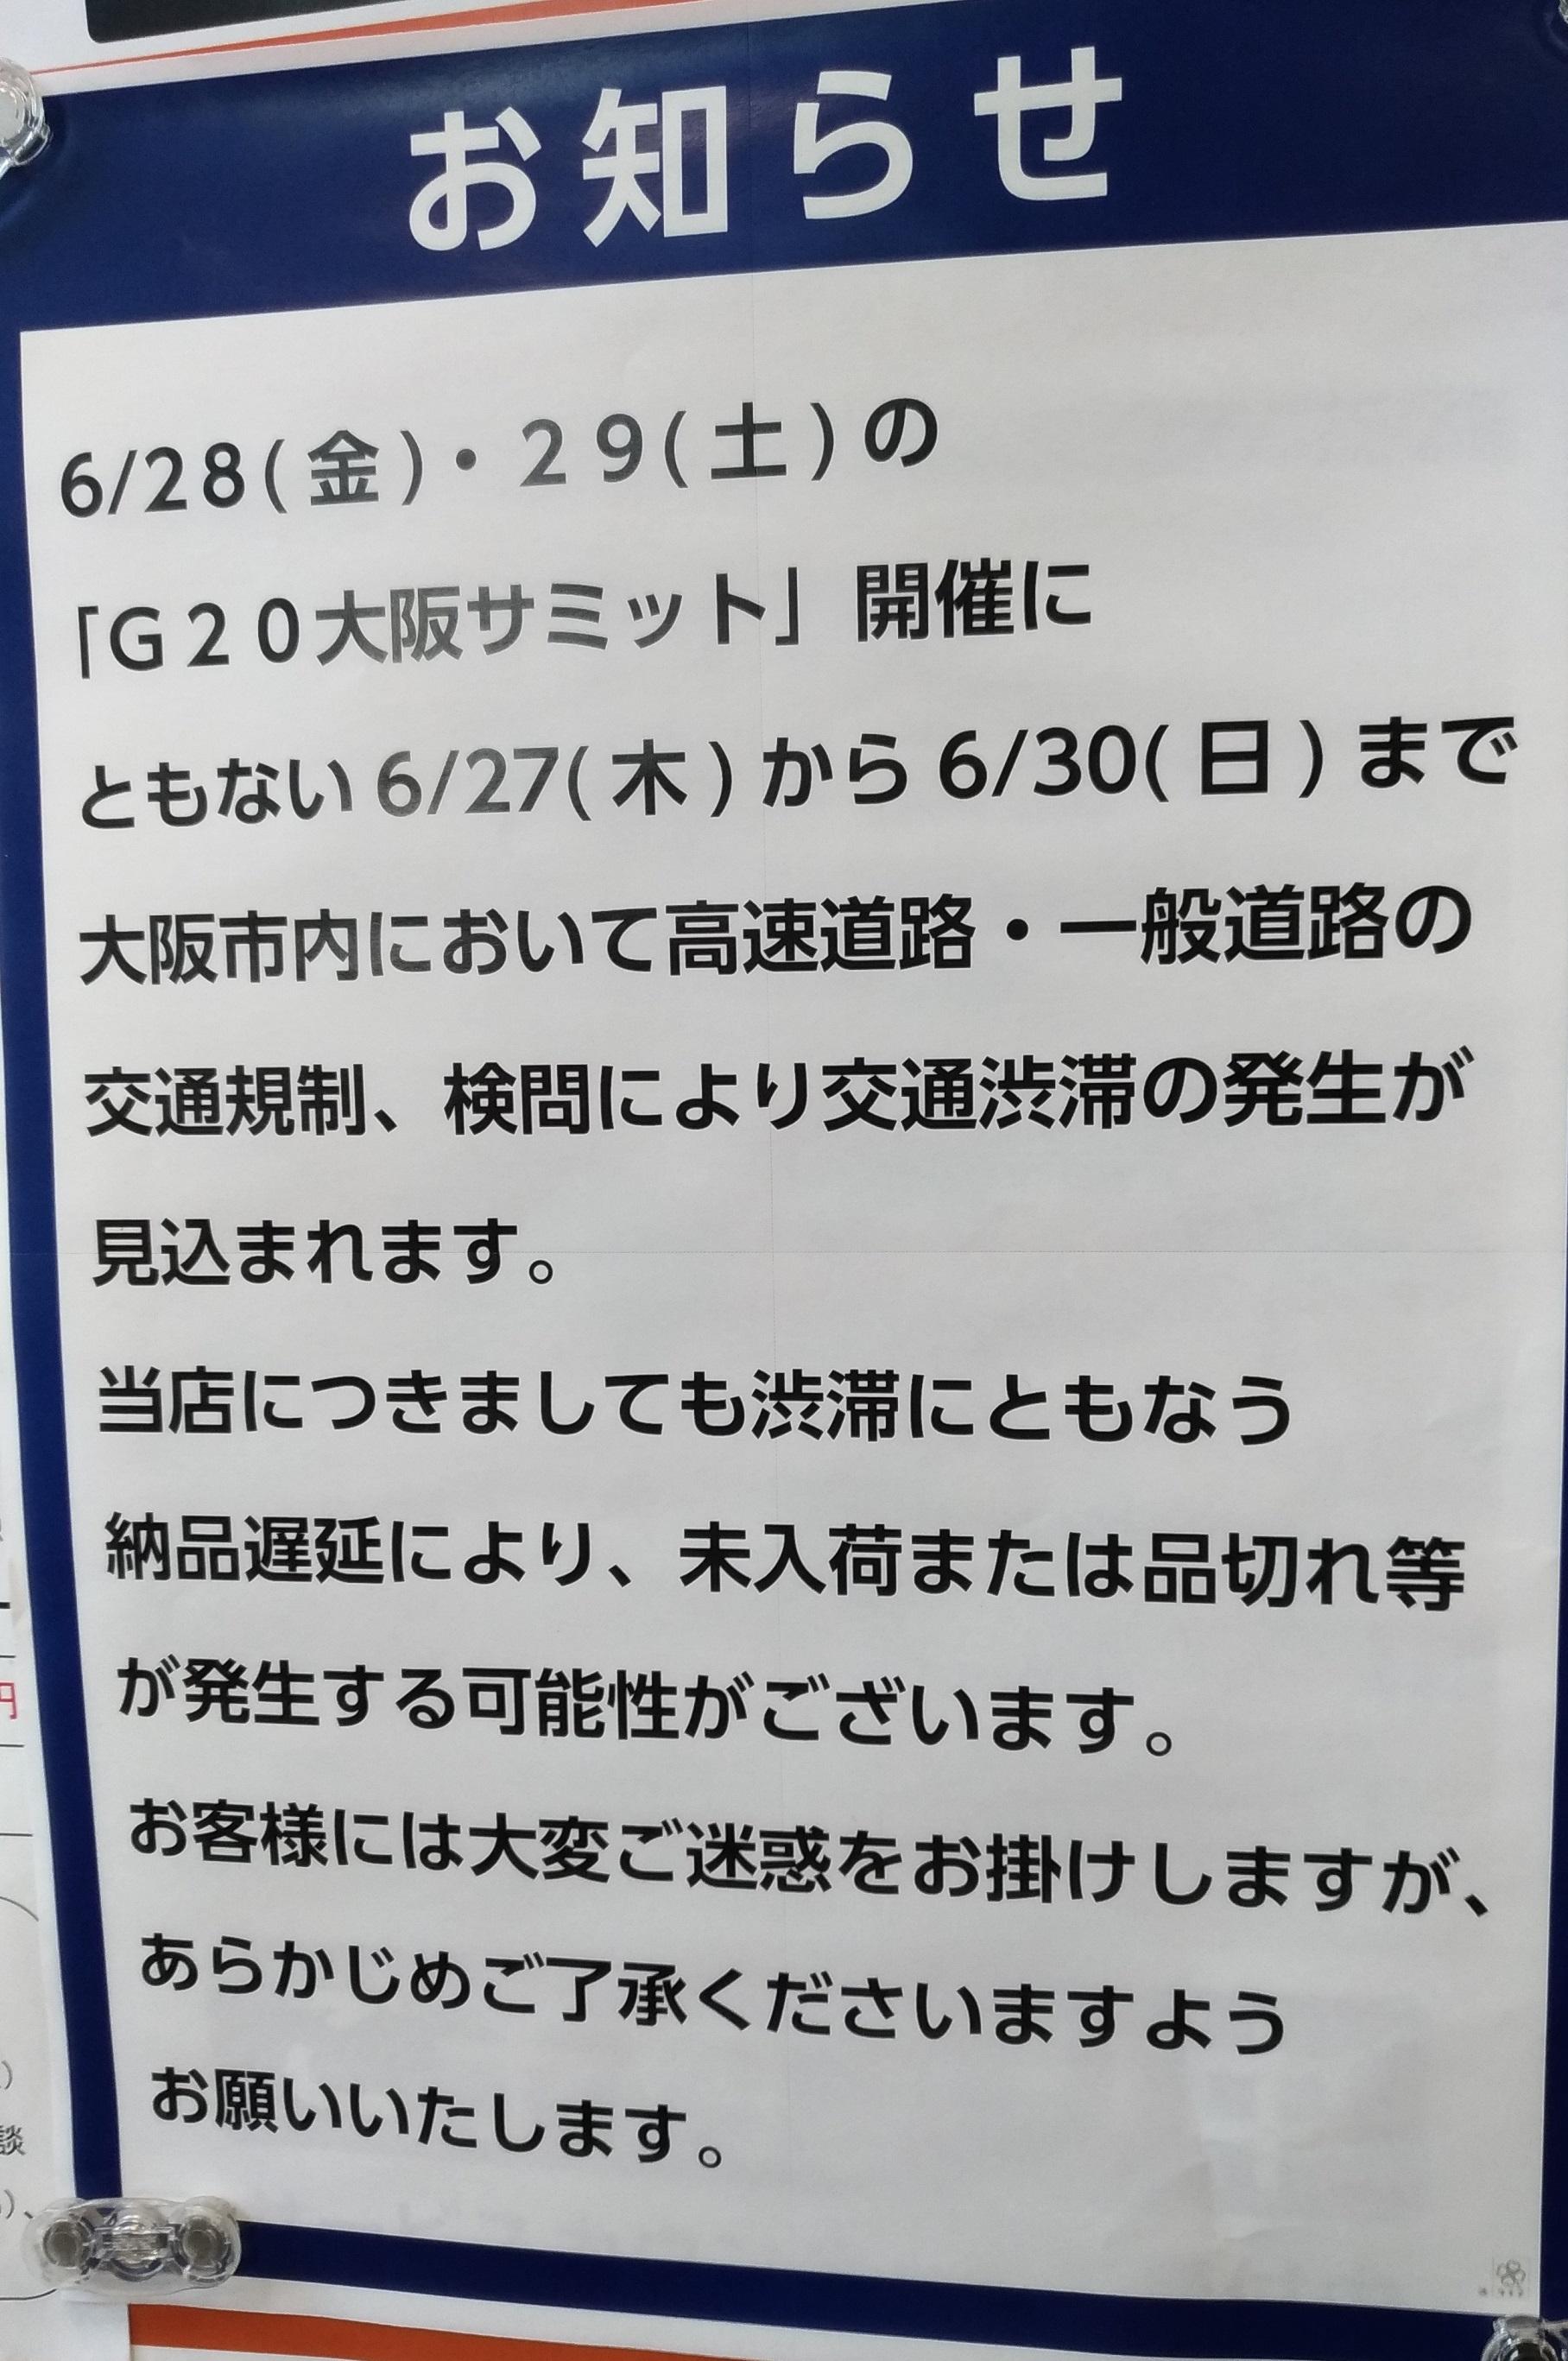 g20samit_life_super.jpg